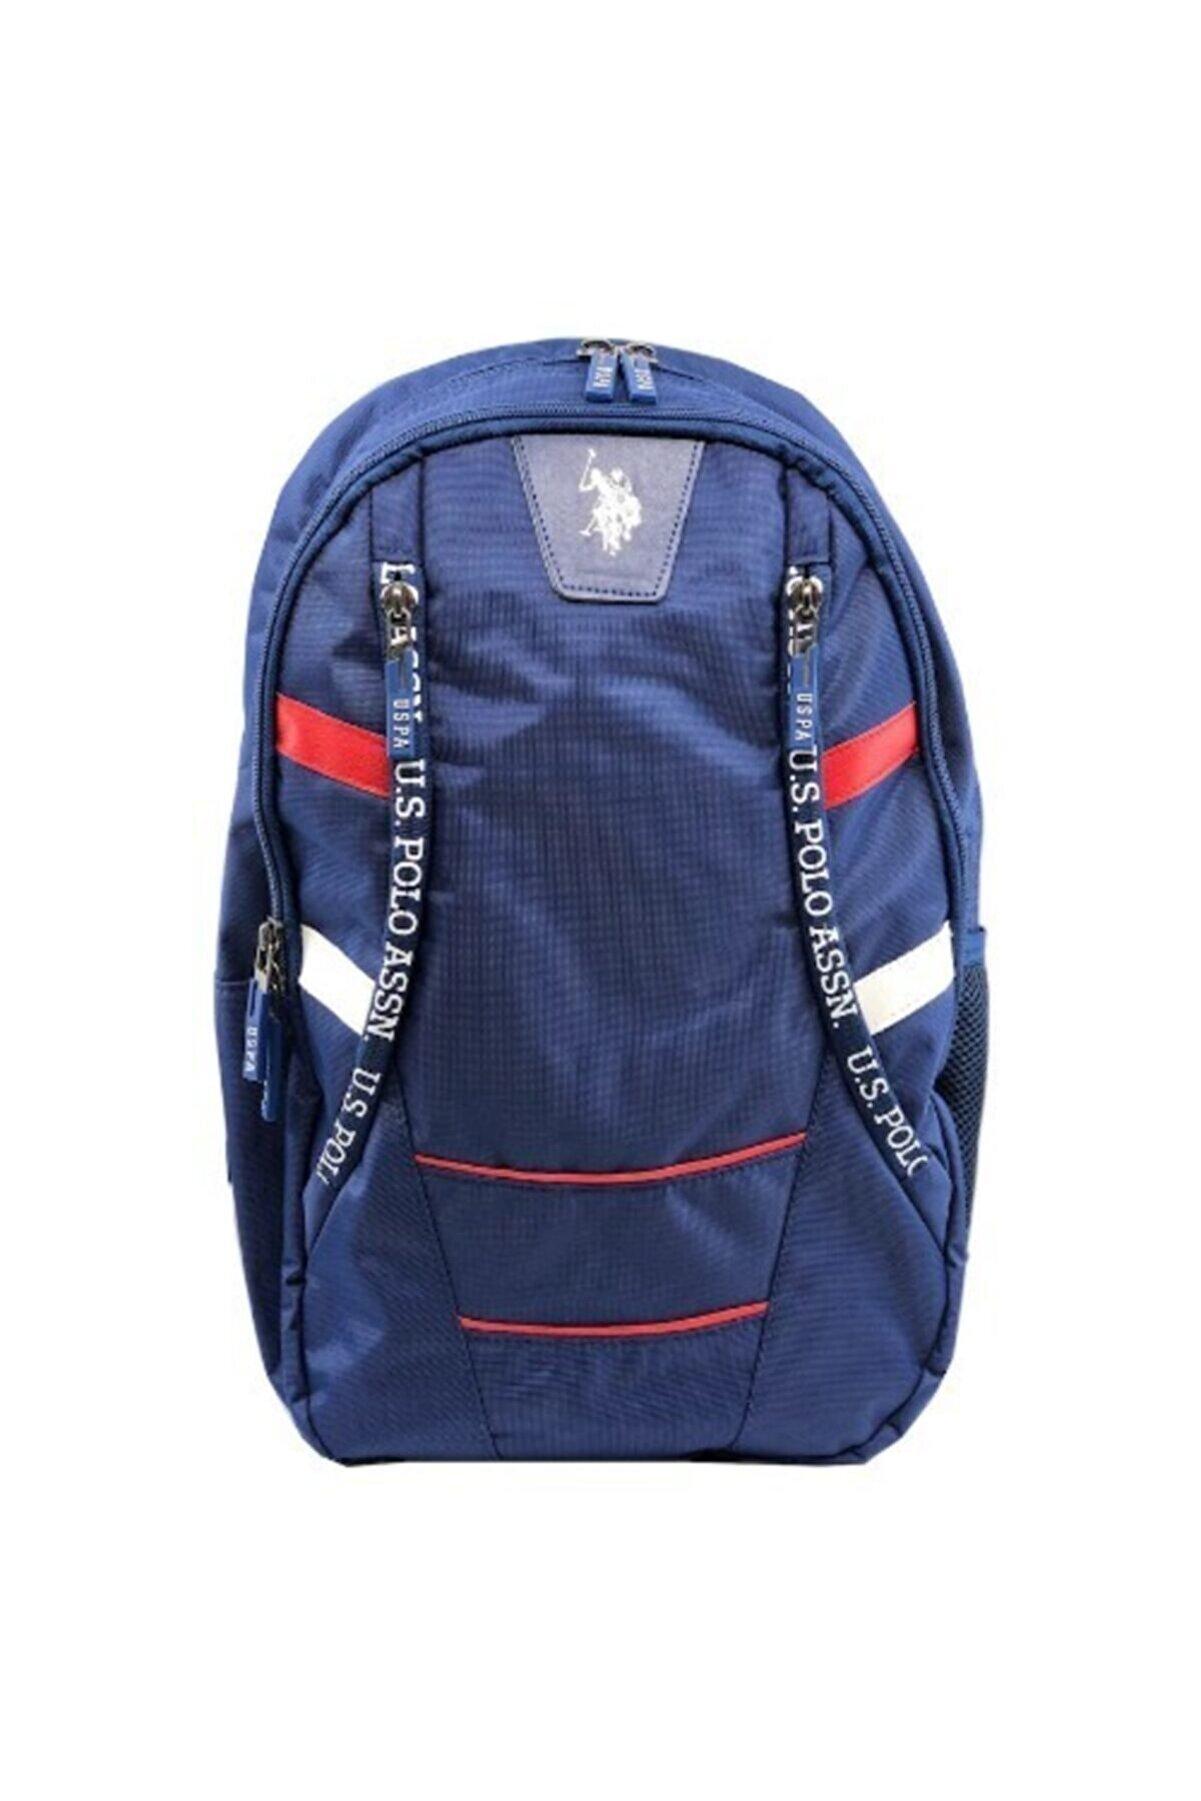 US Polo Assn Mavi-kırmızı Sırt Çantası 9244